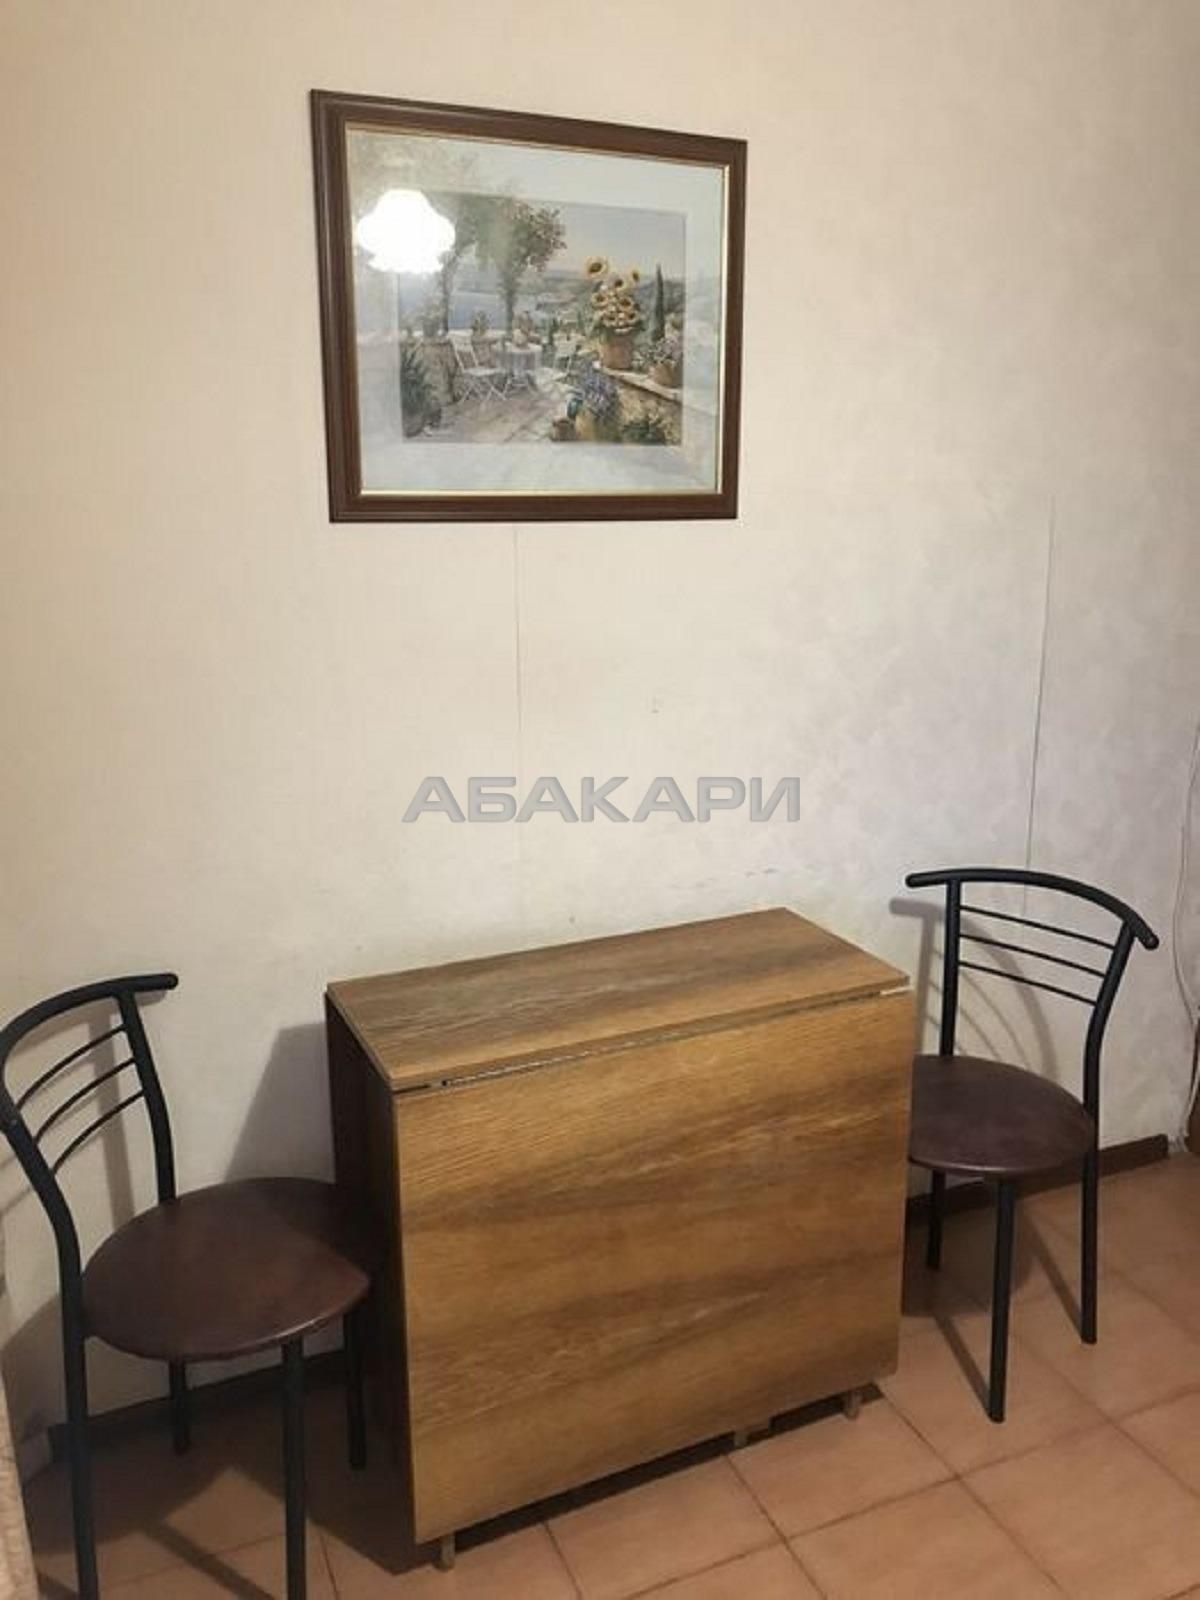 1к квартира улица Академика Киренского, 11 | 14500 | аренда в Красноярске фото 4